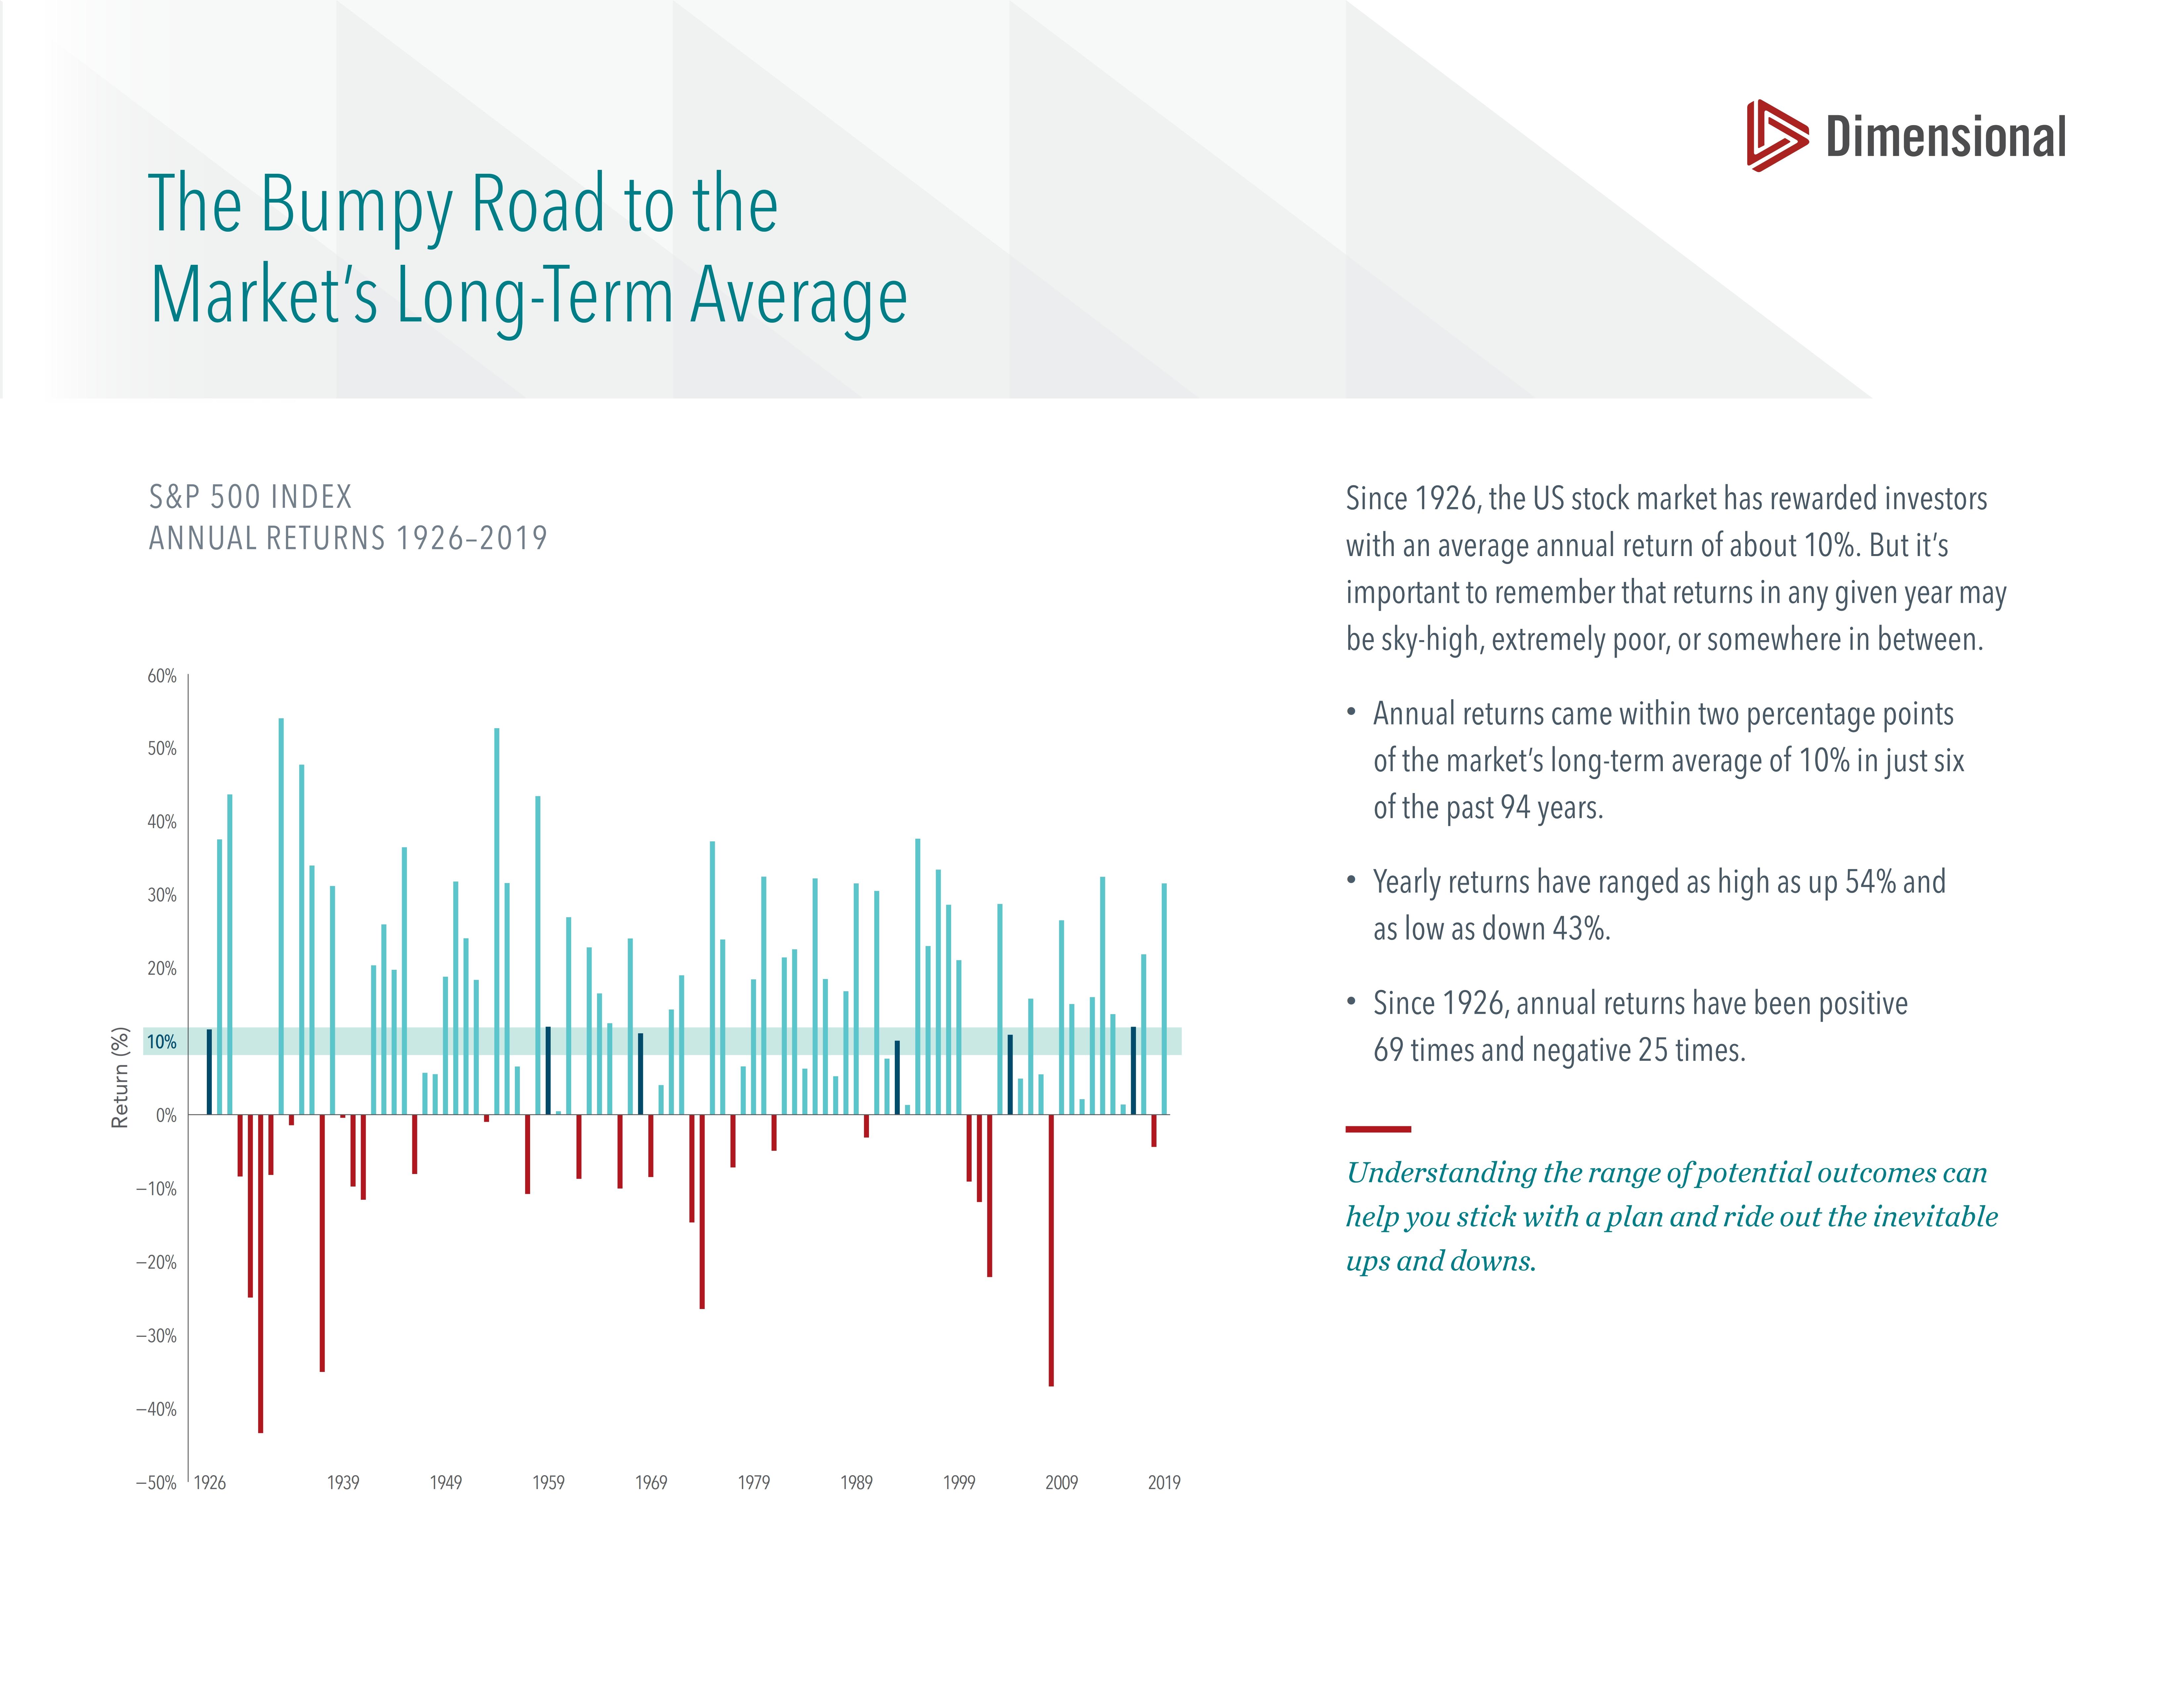 S&P 500 Index Annual Returns